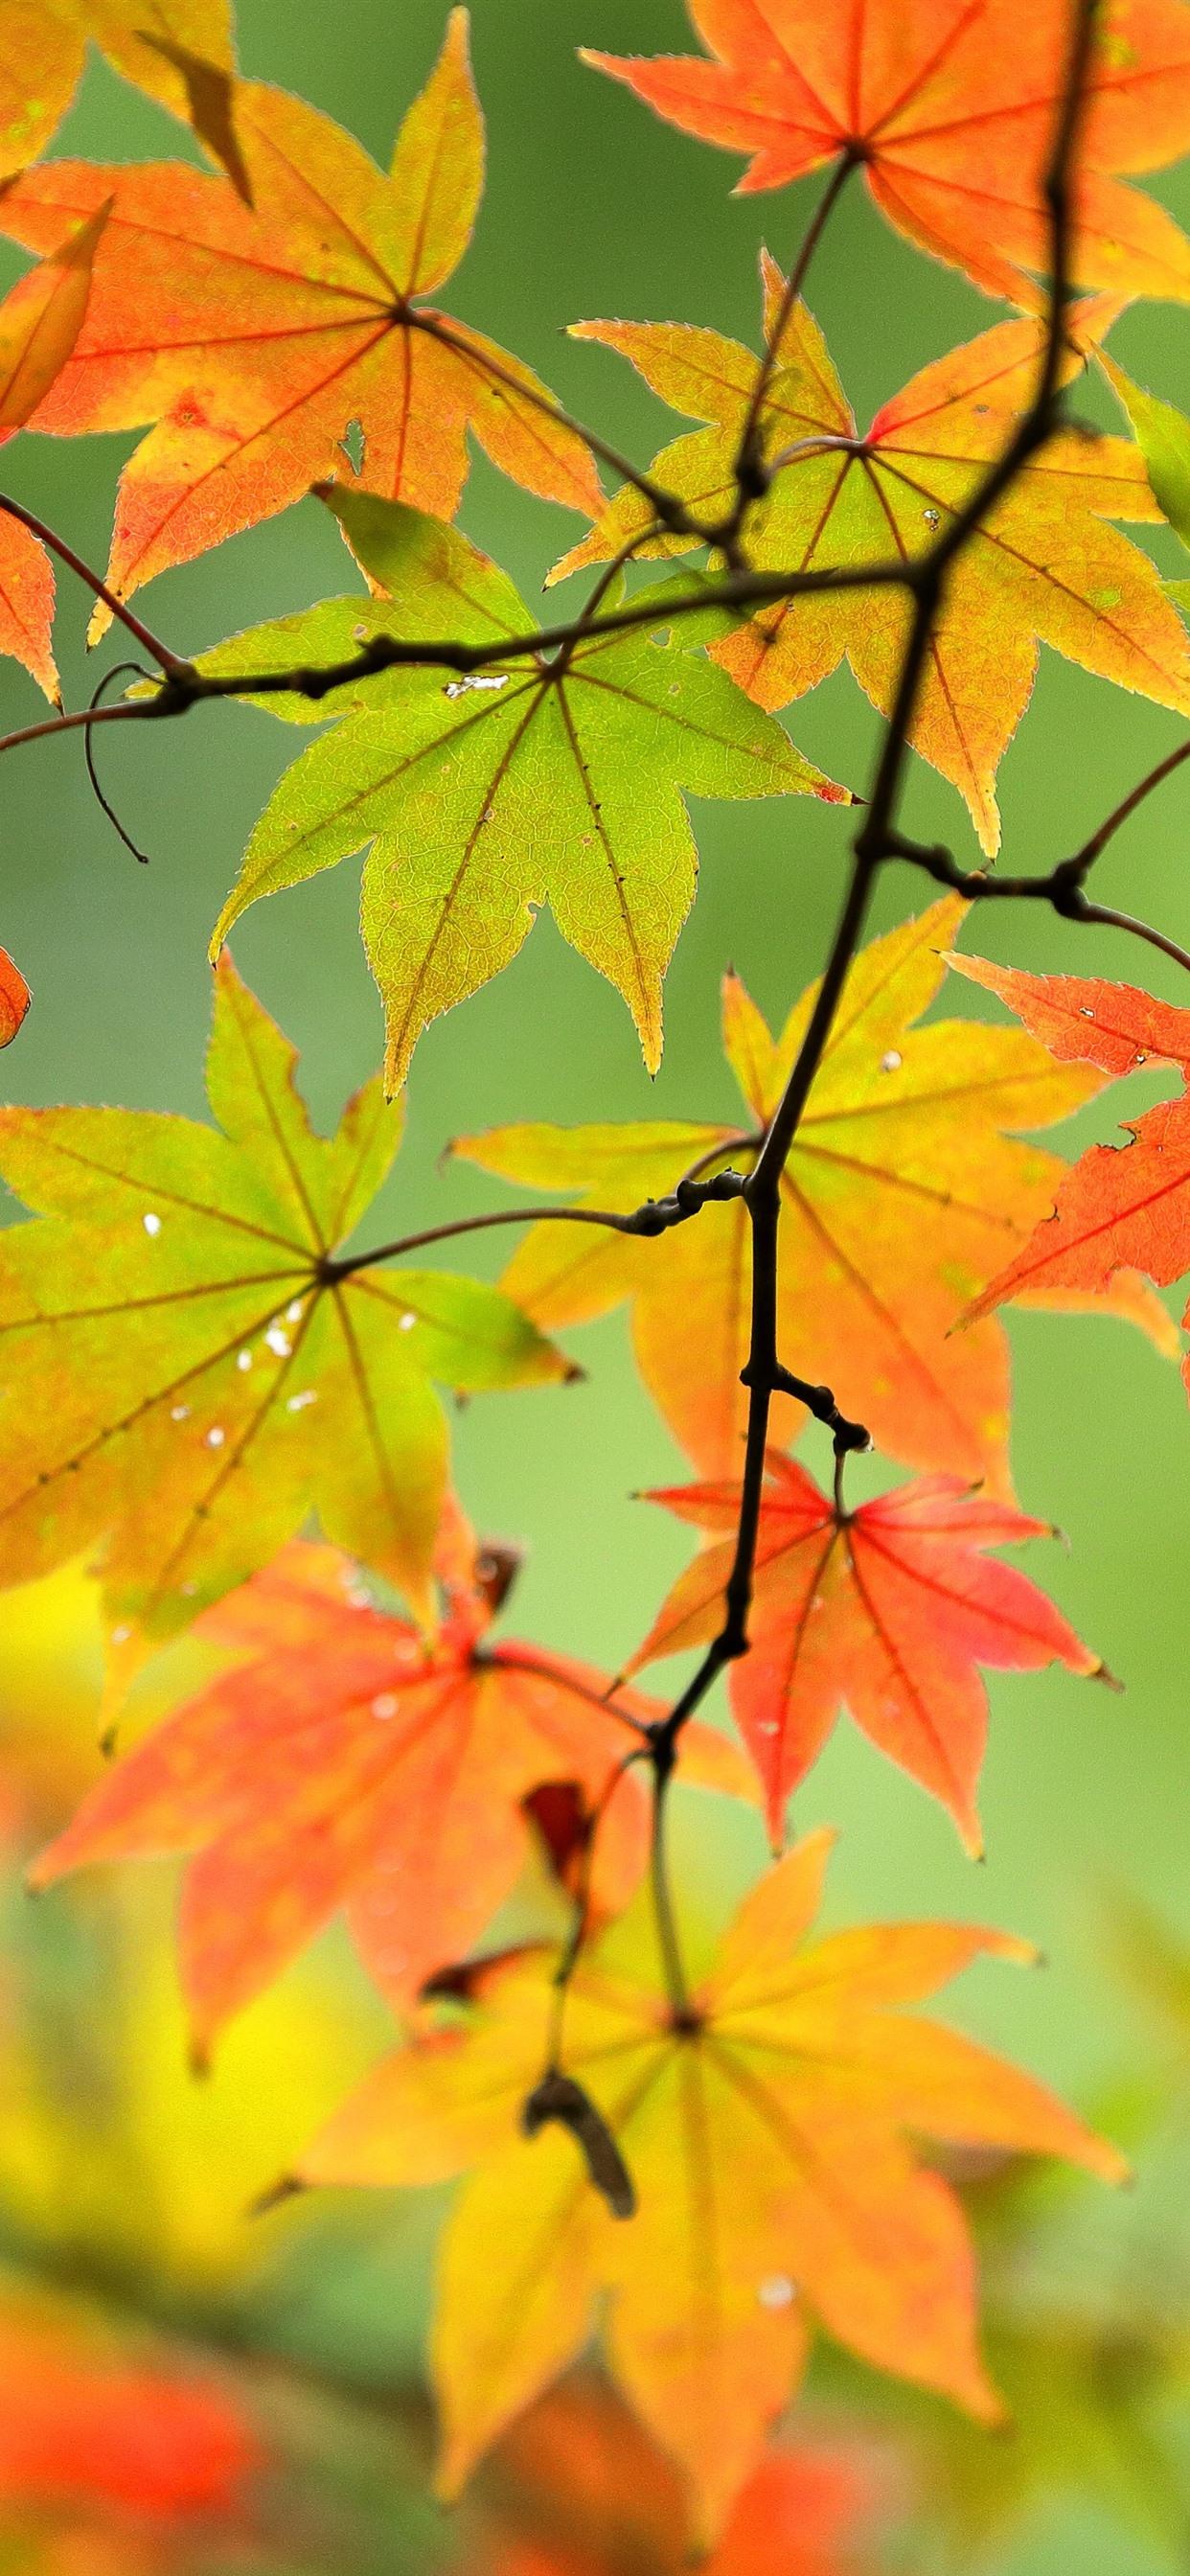 foto de Fonds d'écran Automne, feuilles d'érable, brindilles, nature ...